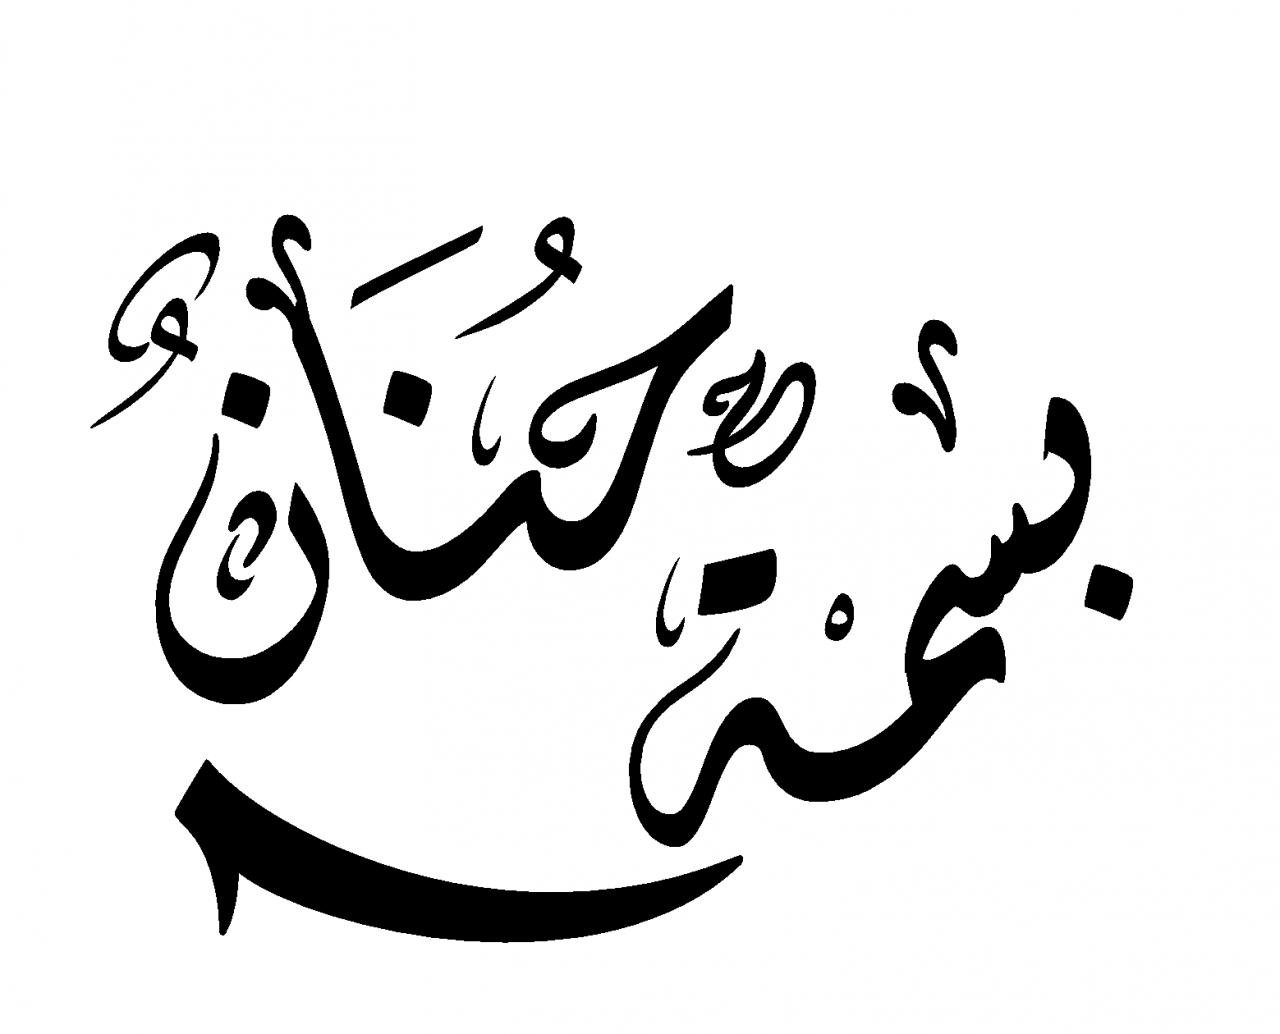 القاب بنات مزخرفه دلع بنات مزخرف بالصور احلام مراهقات